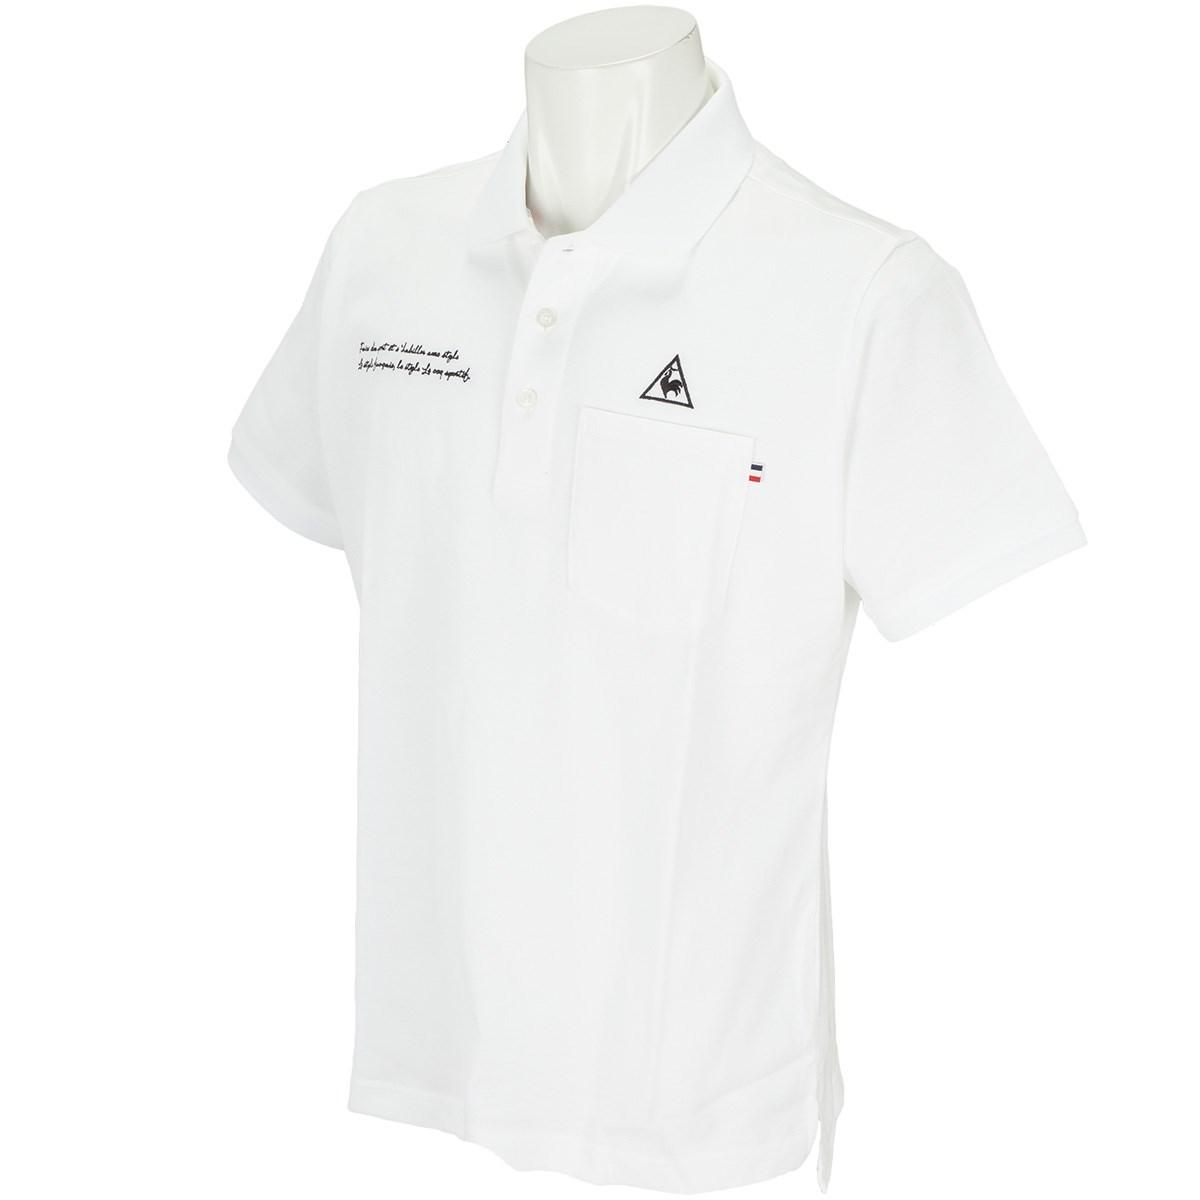 ルコックゴルフ Le coq sportif GOLF 半袖ポロシャツ S ホワイト 00